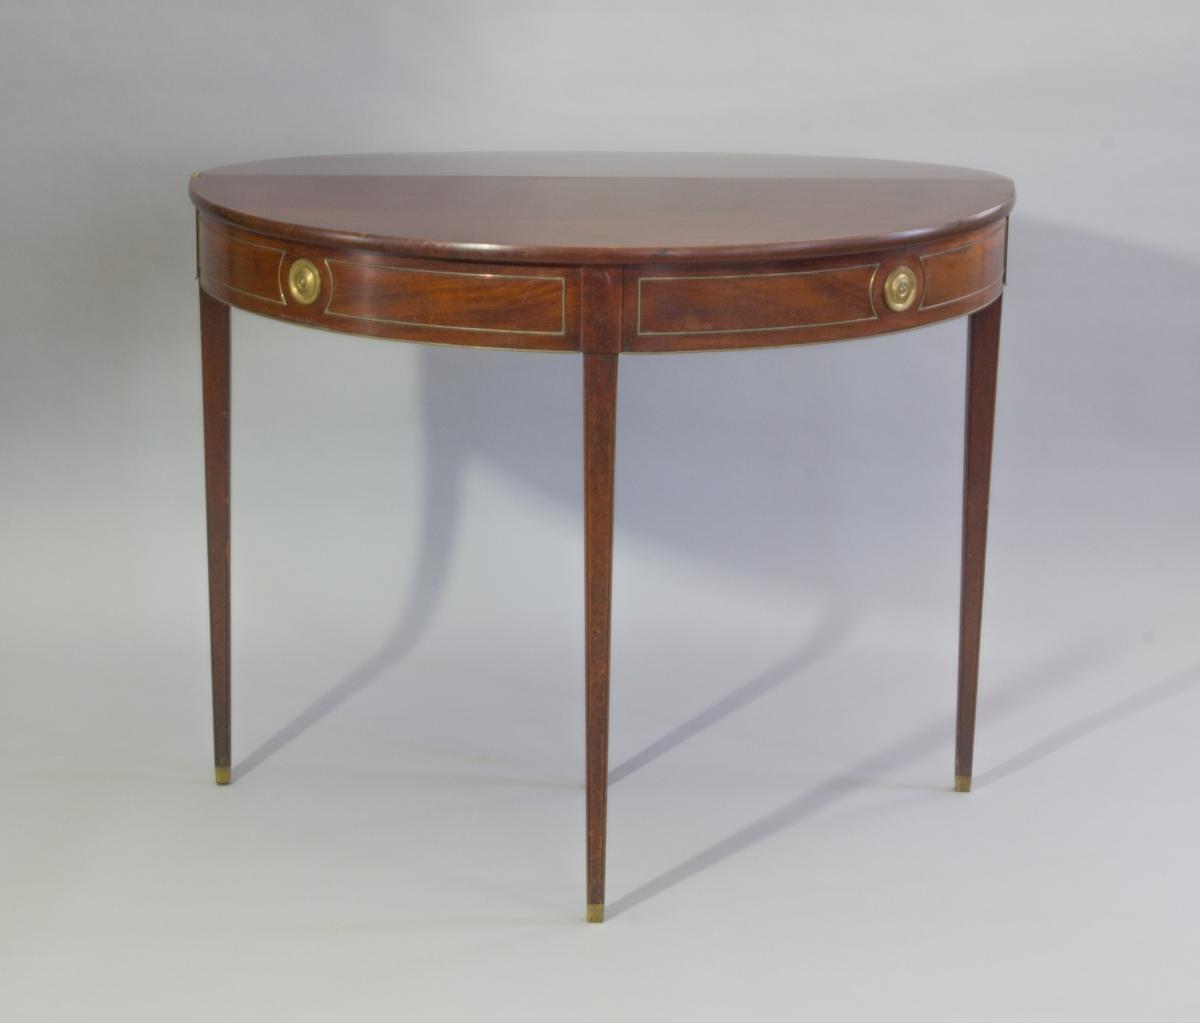 Bord, spelbord, av mahogny med rund fällbar skiva. Tre fasta ben, ett fjärde som är utdragbart. Beslag och lister av mässing.